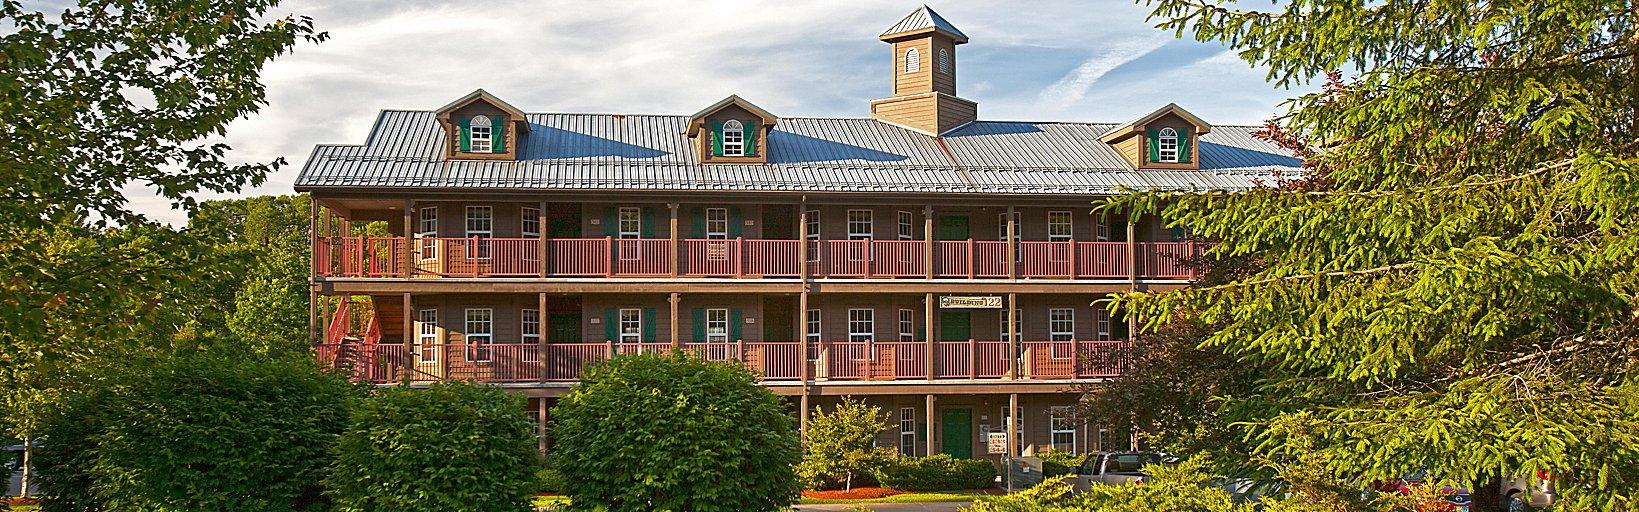 Holiday Inn Club Vacations Oak N Spruce Resort Hotel By Ihg